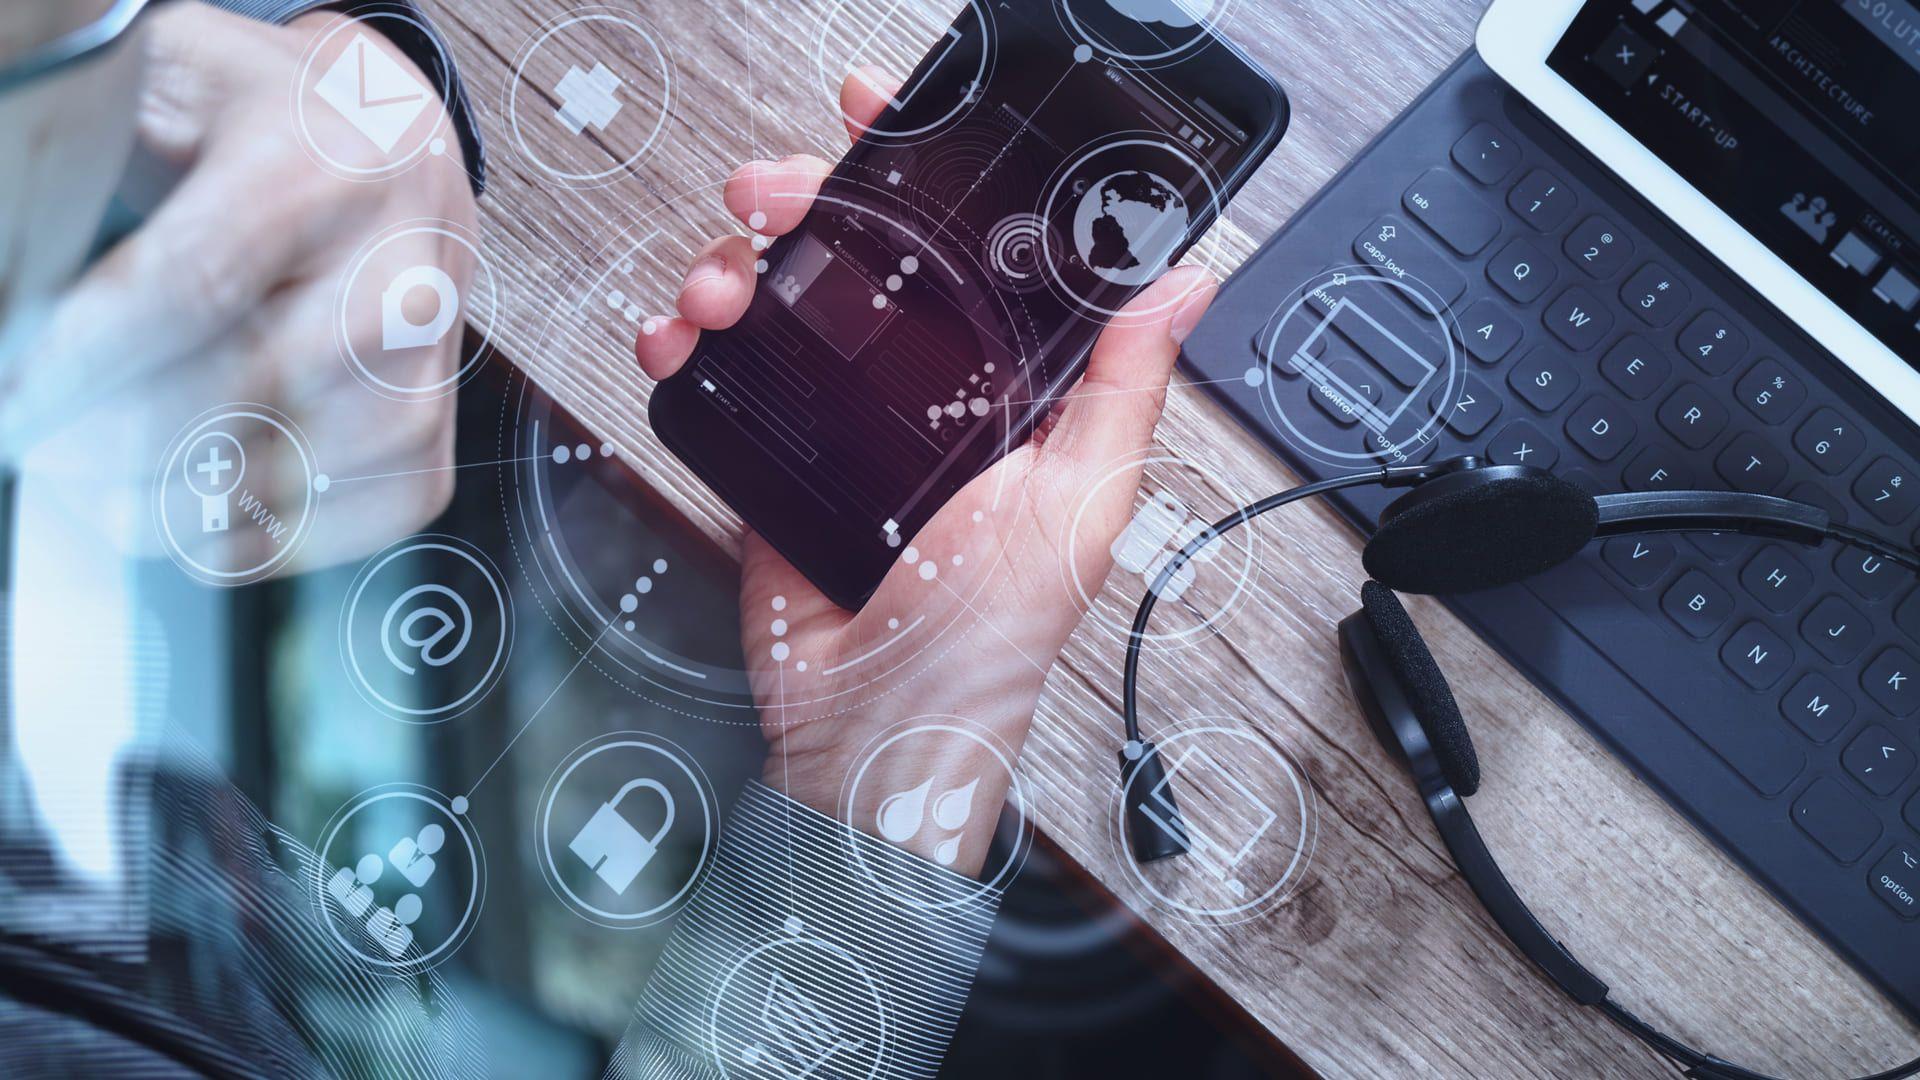 Com recursos cada vez mais avançados e inteligência, as assistentes virtuais fazem parte do cotidiano de muitas pessoas (Fonte: Shutterstock)